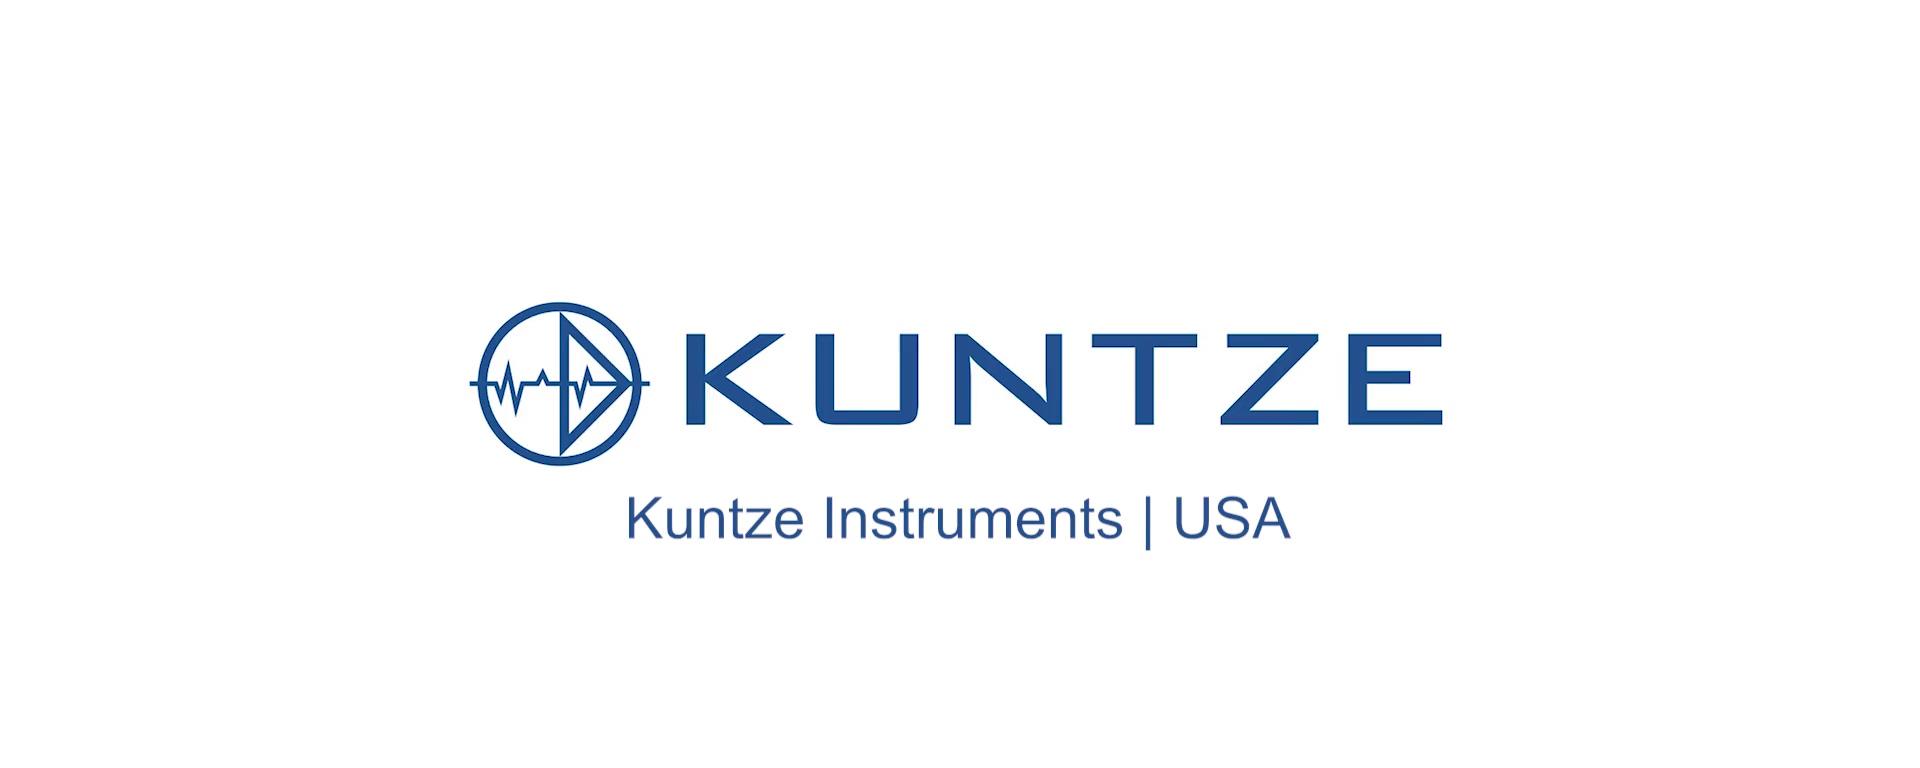 Kuntze Instruments _ USA V4 082620